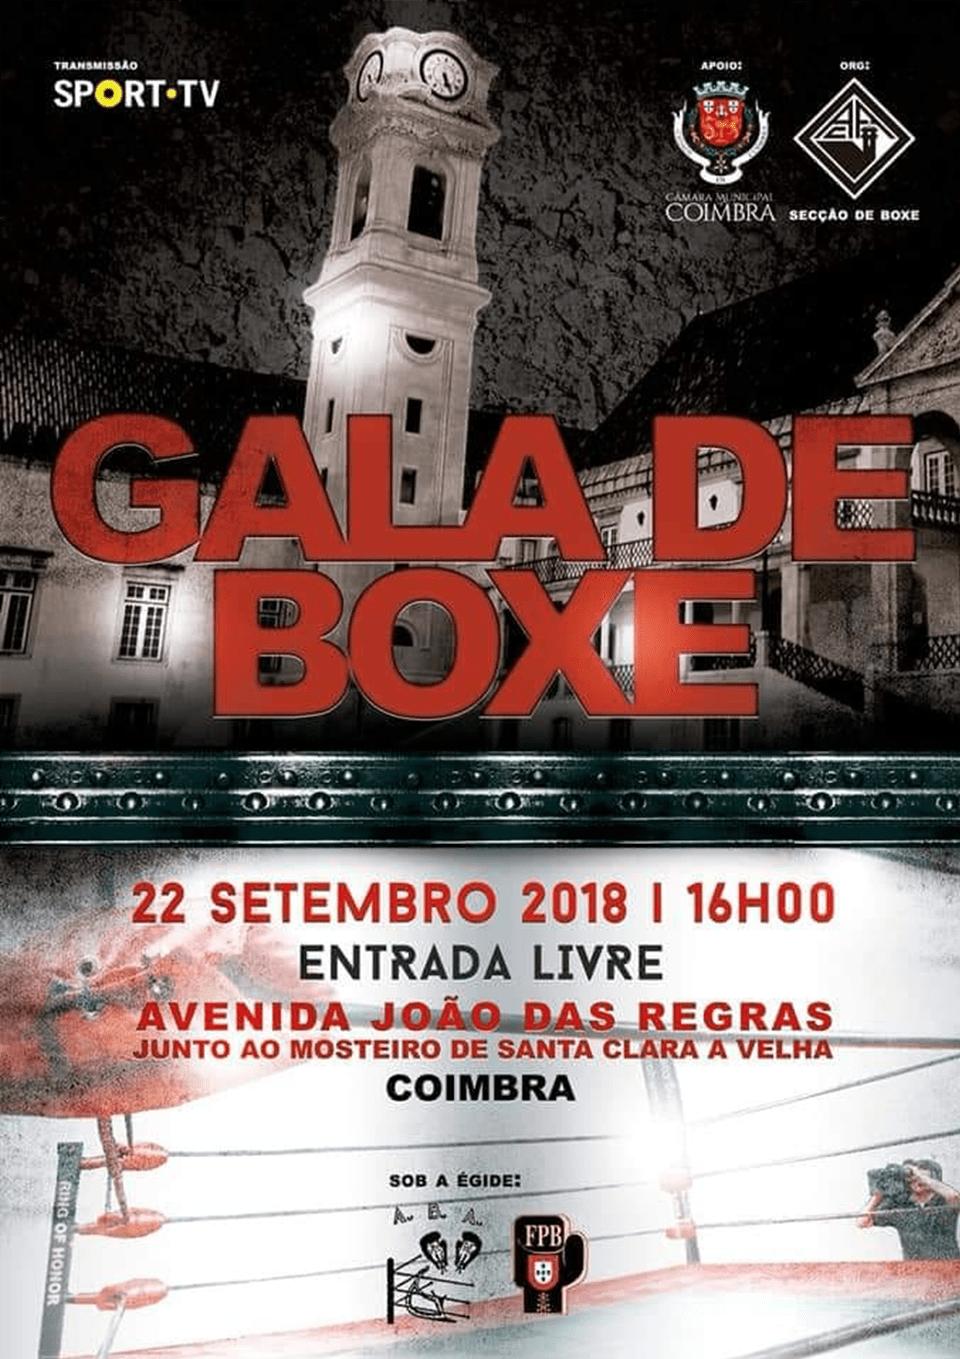 Gala de Boxe Coimbra 22 de Setembro 2018